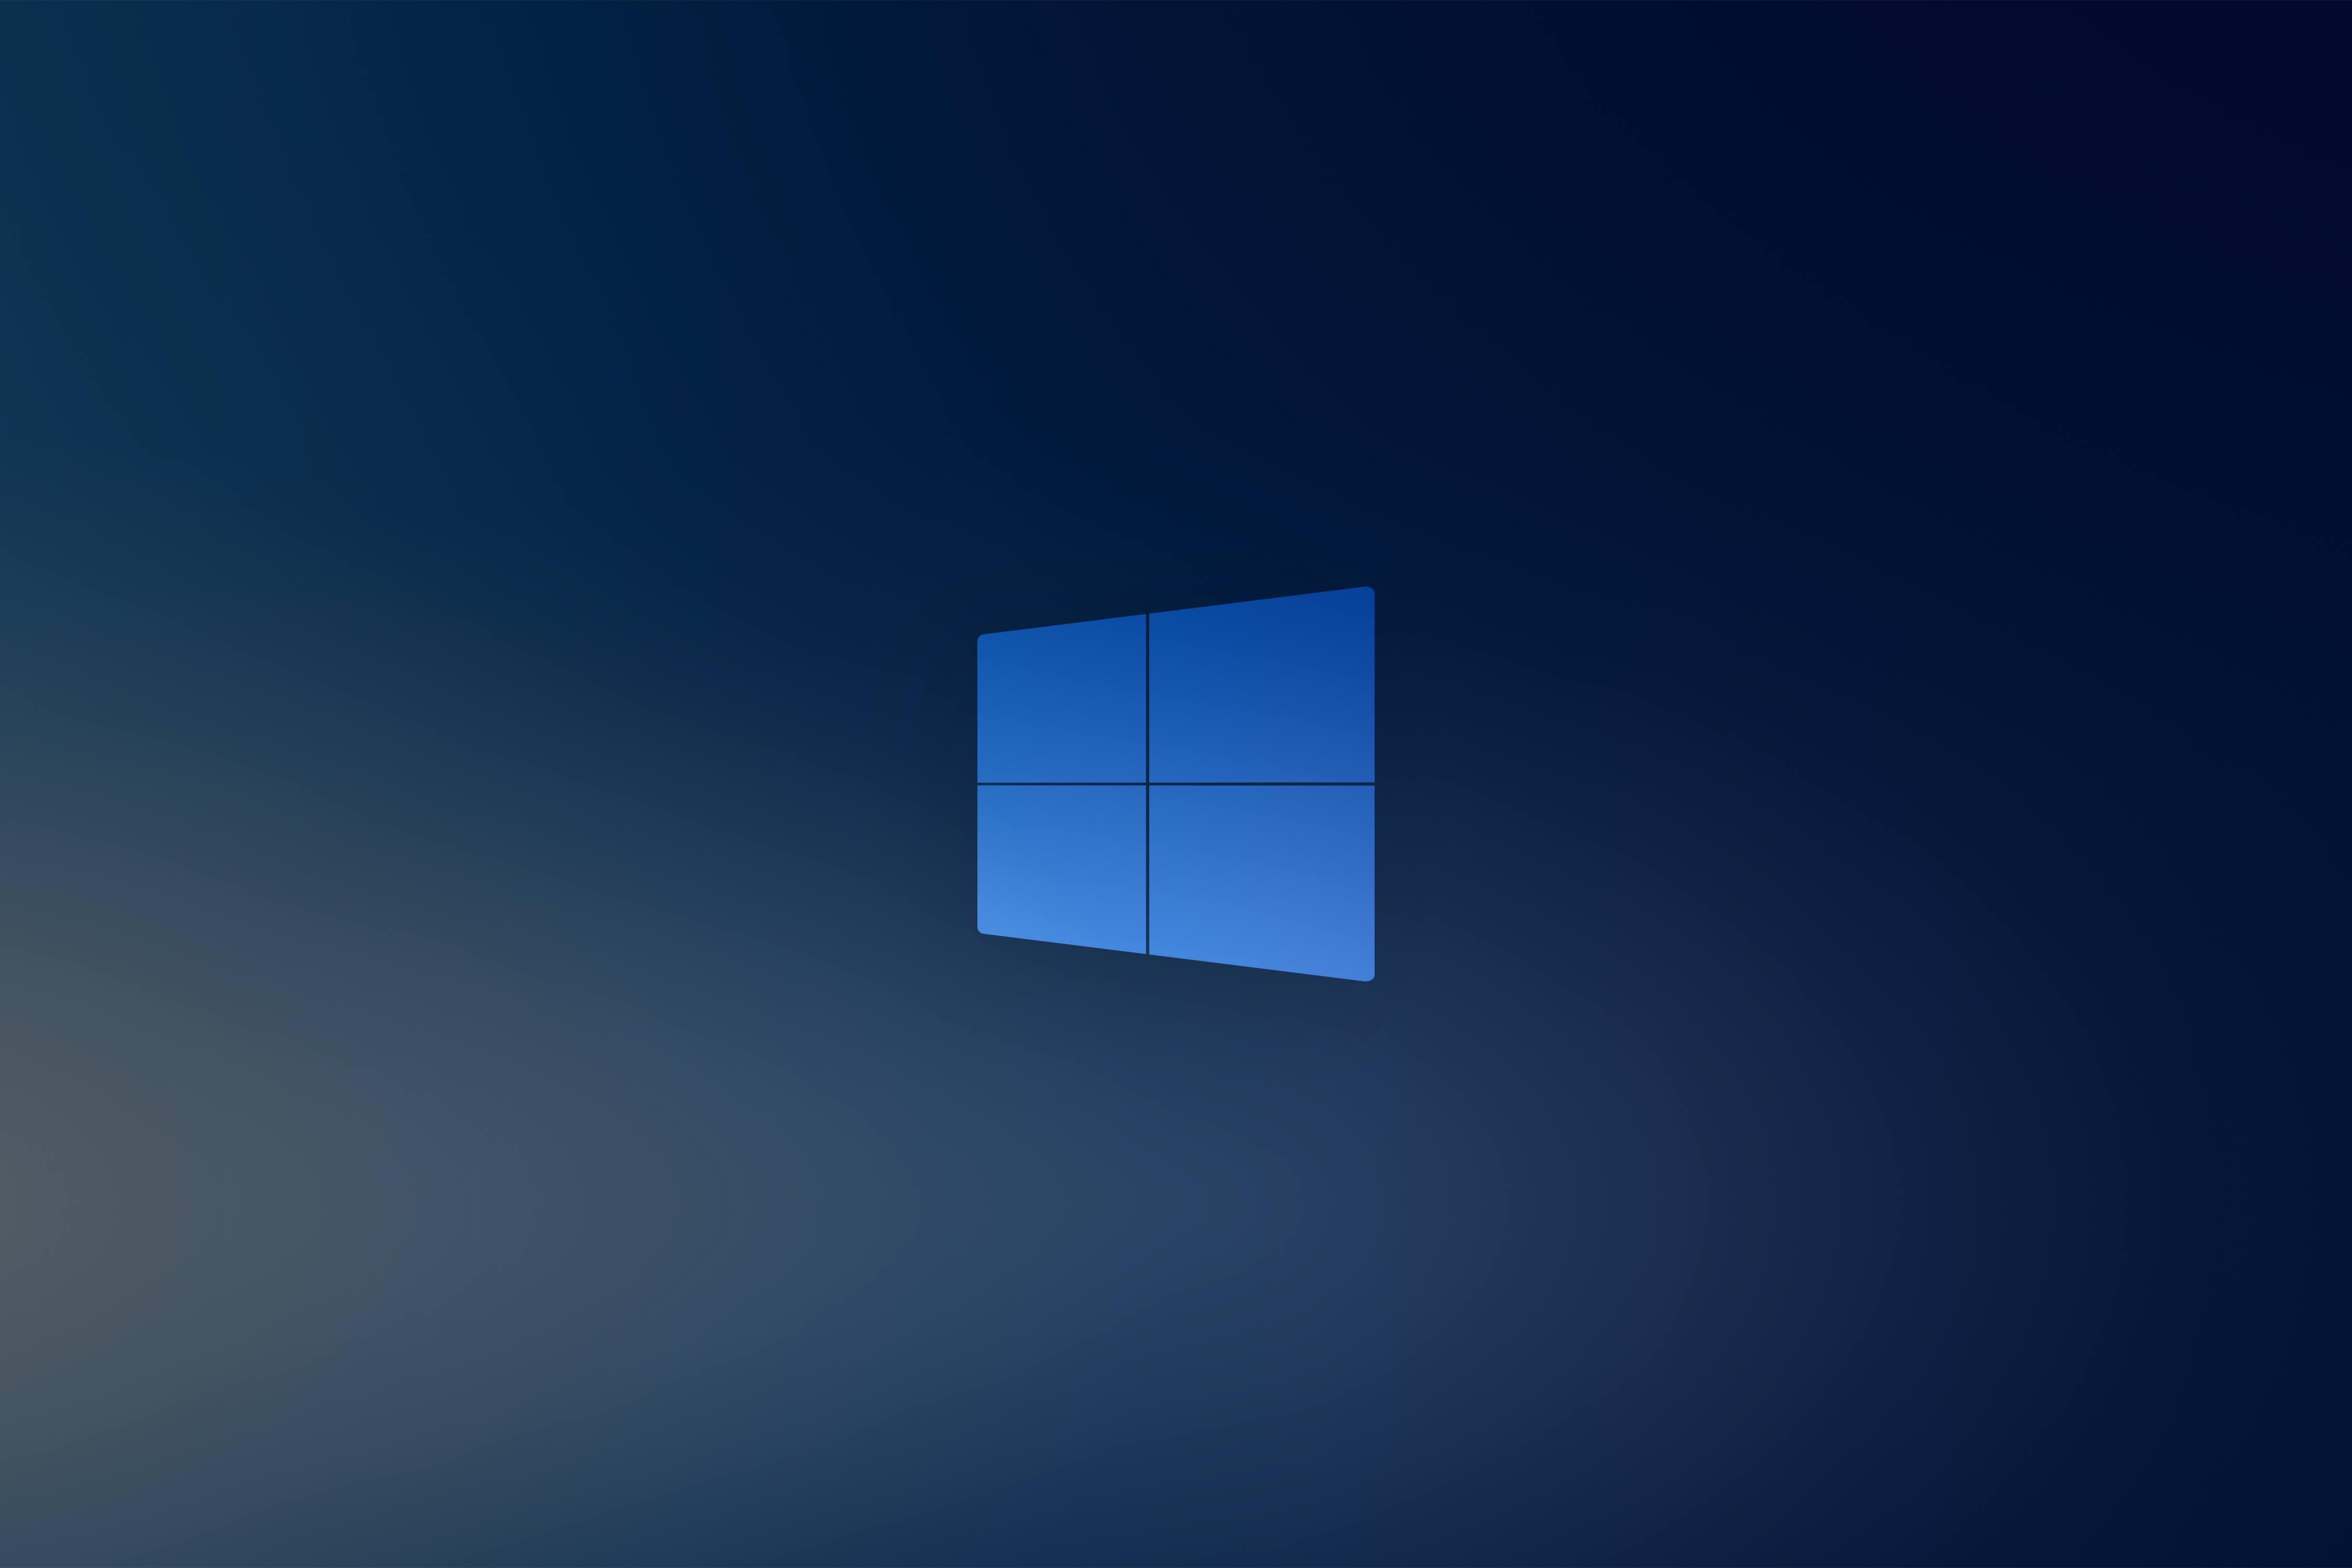 Windows 10x Logo best background